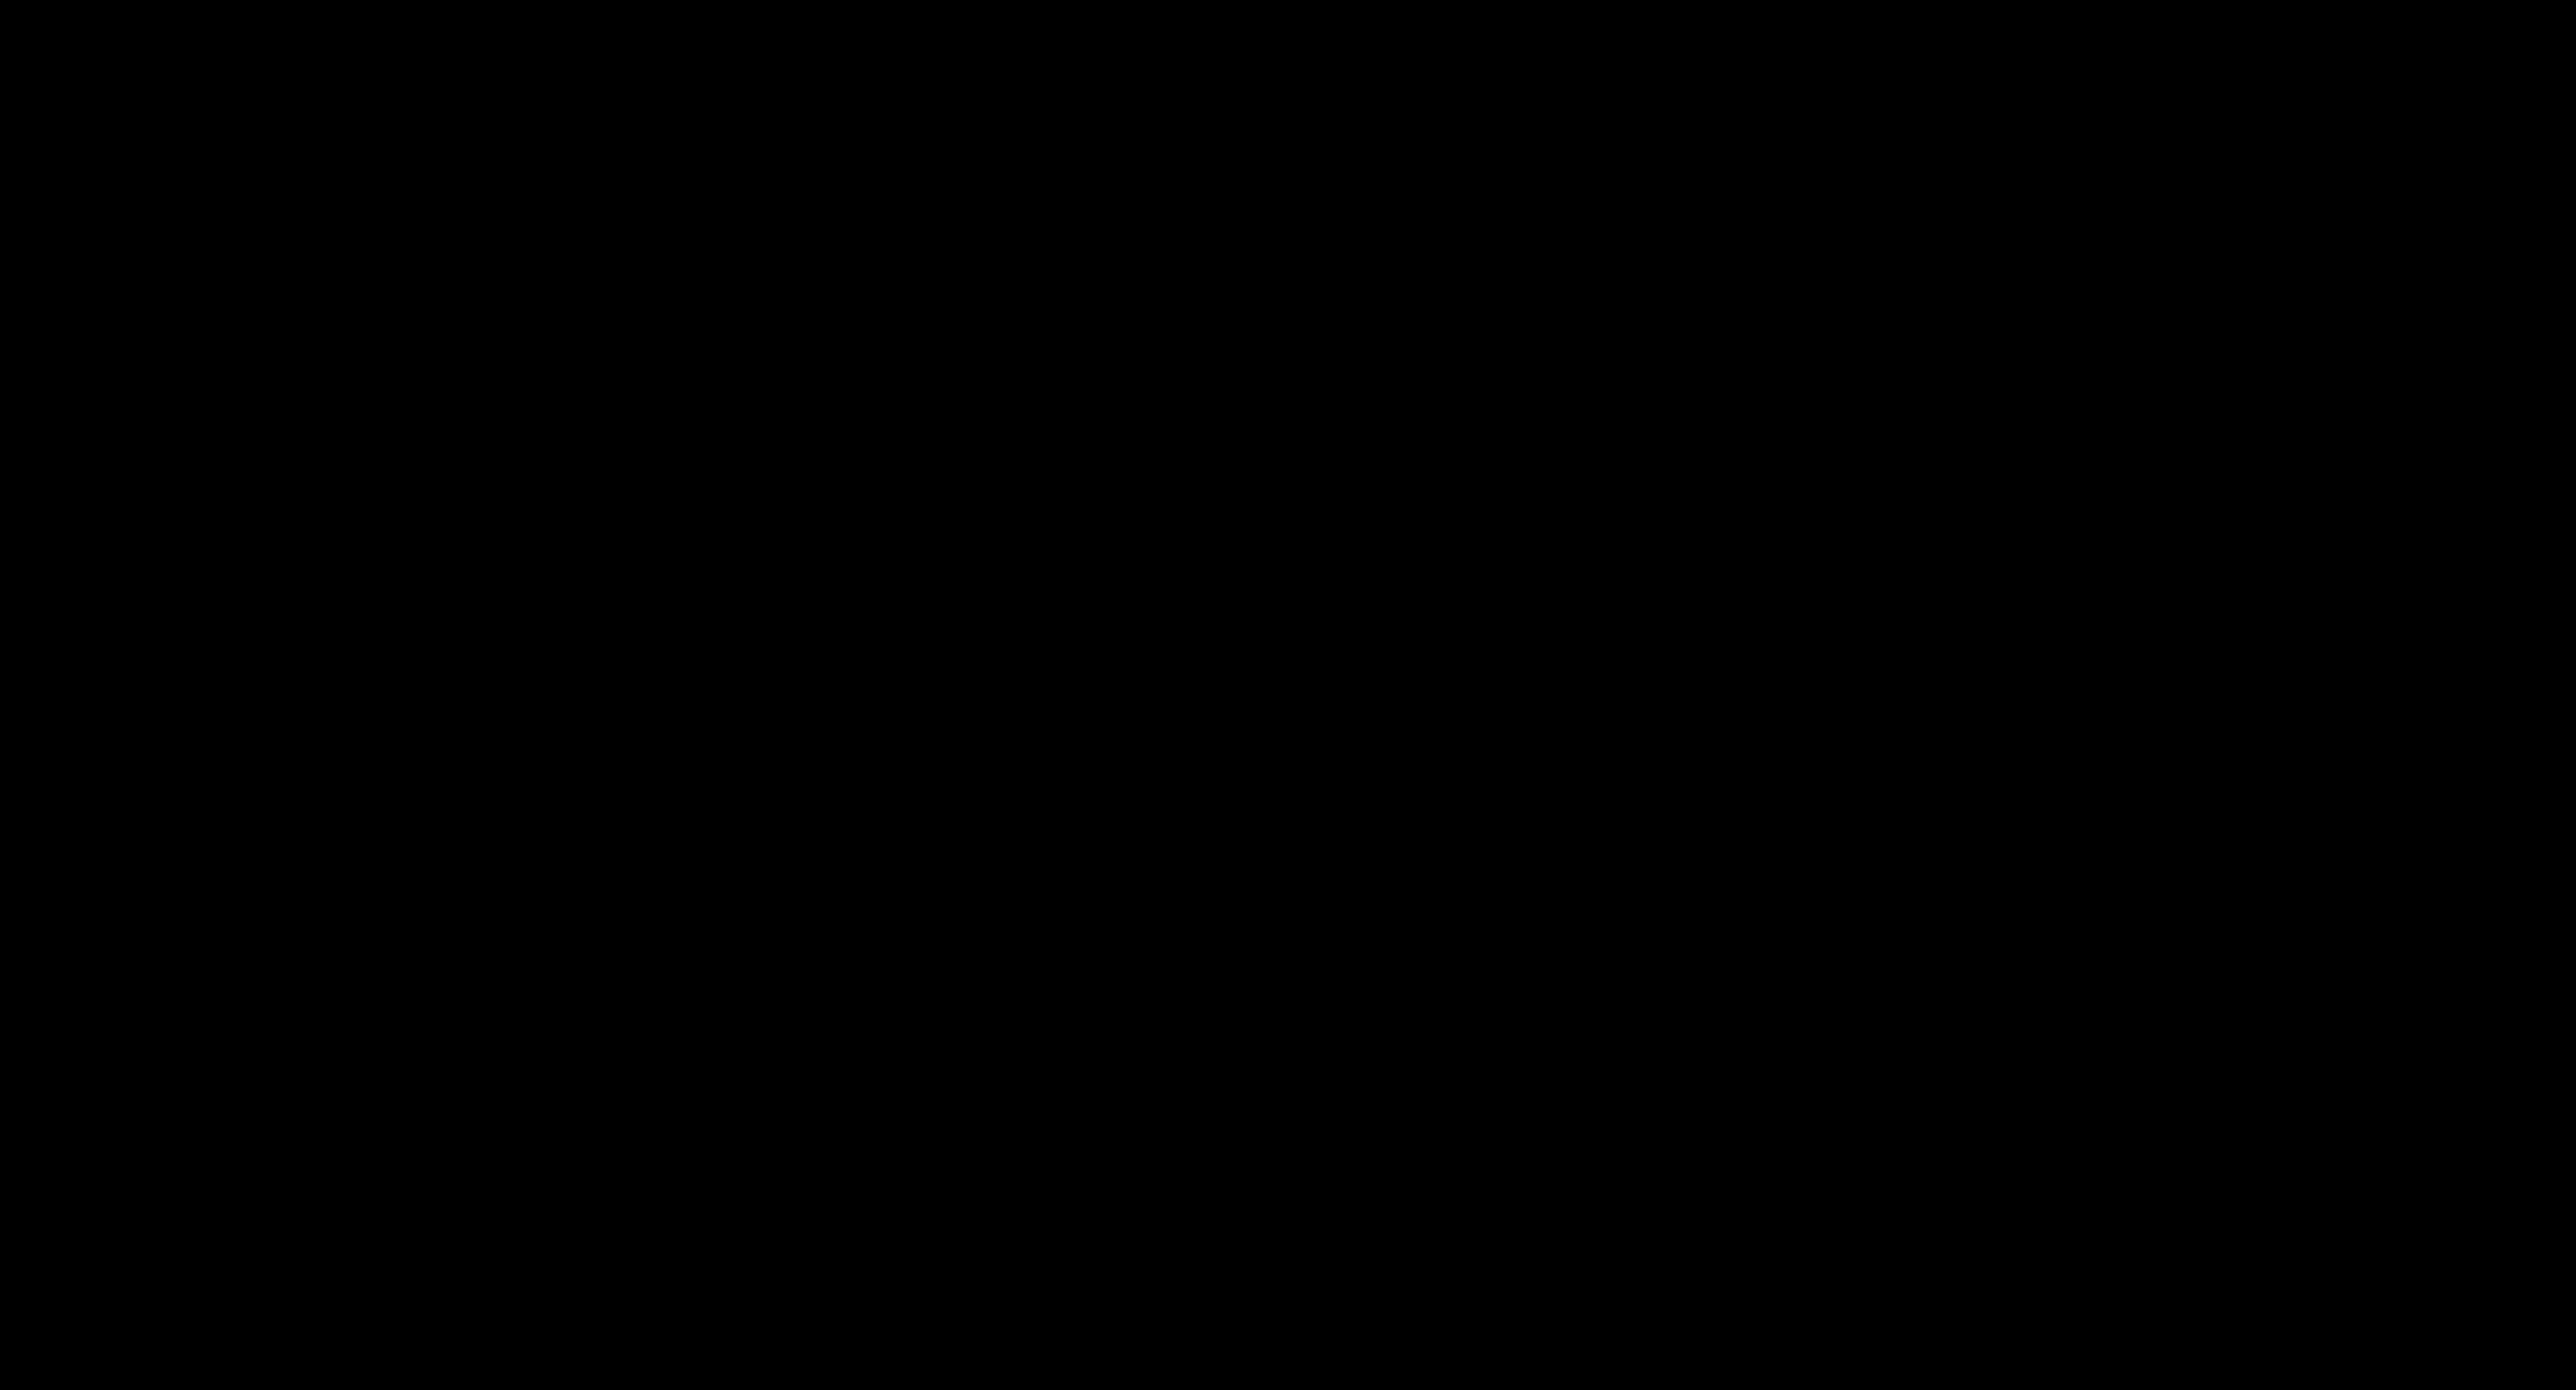 Perspectiva de como ficará o empreendimento residencial Aurora Exclusive Home na Praia Central de Balneário Calmboriú. Imagem: divulgação